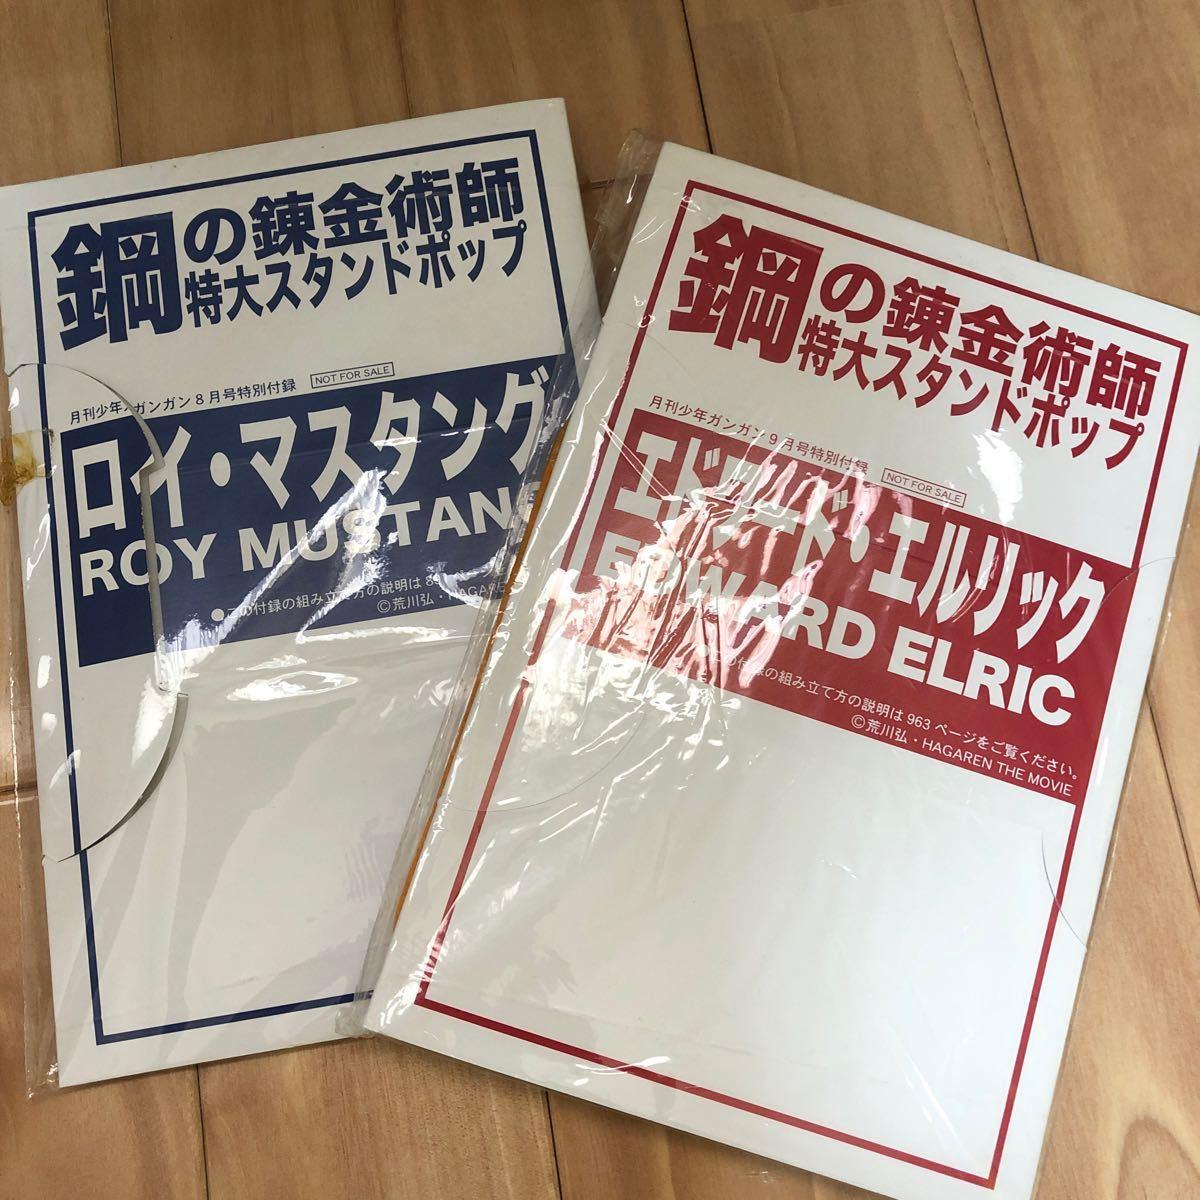 鋼の錬金術師 ガンガン付録 DVD スタンドポップ